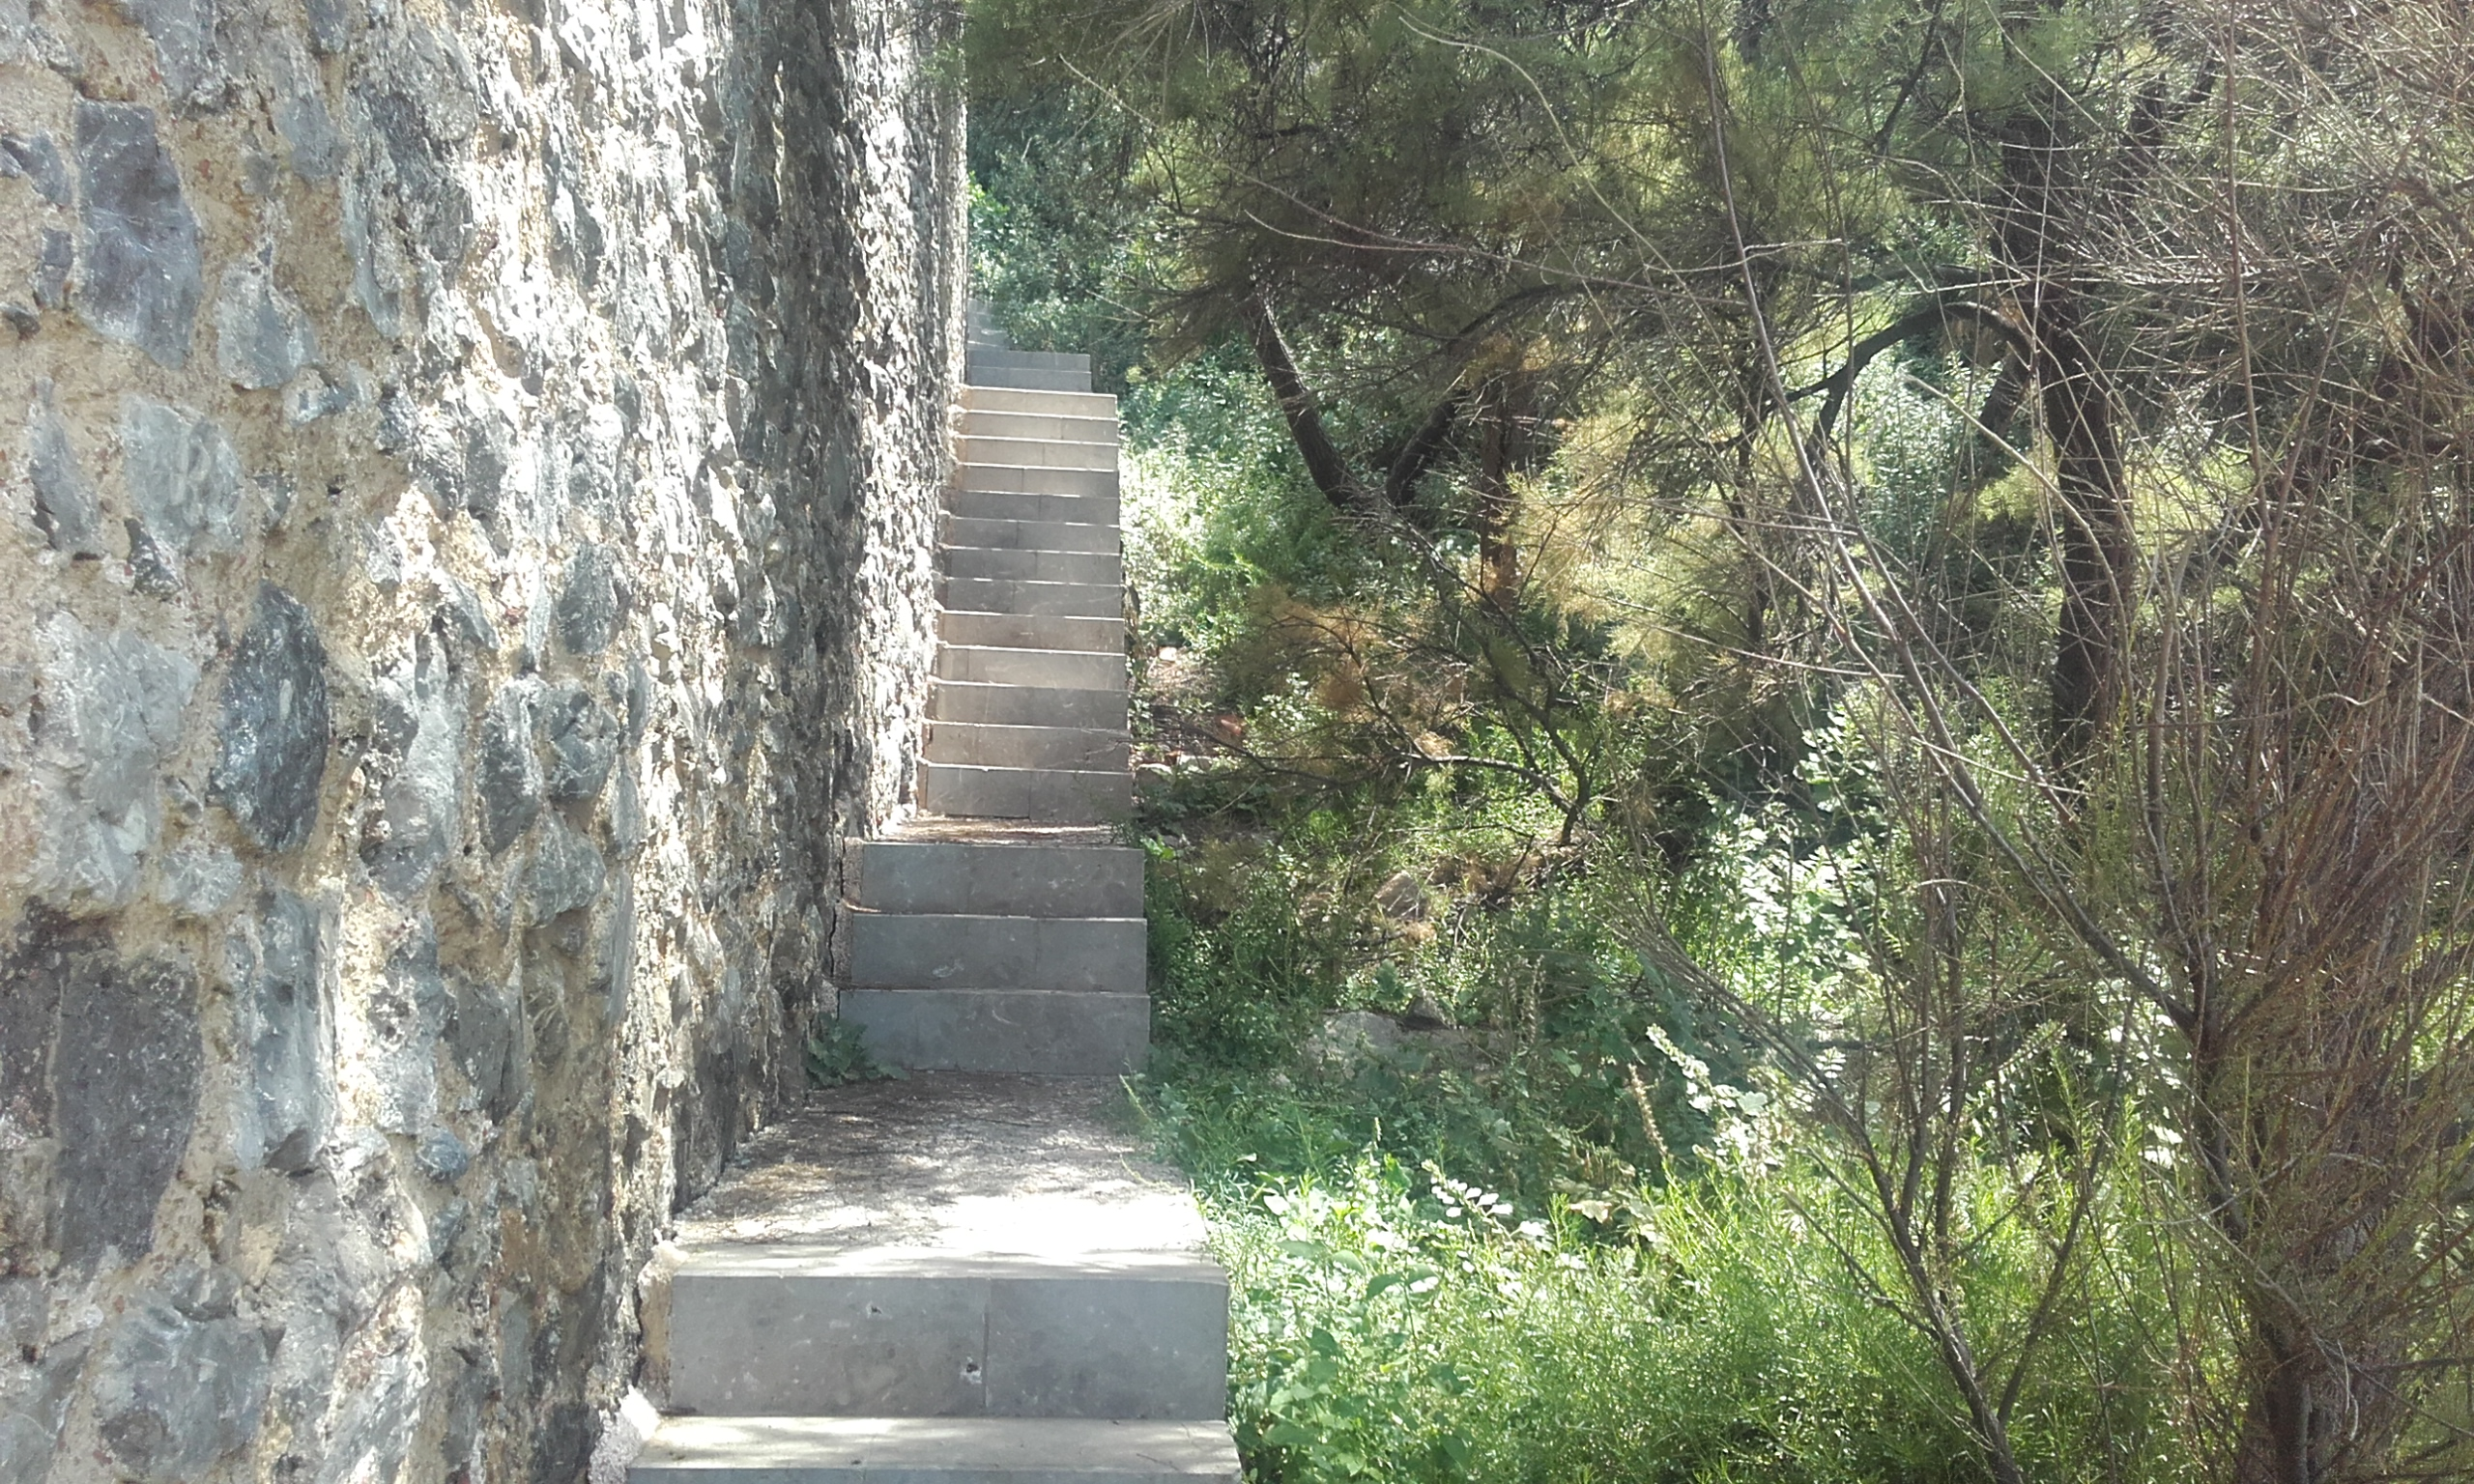 Escaleras para subir al faro